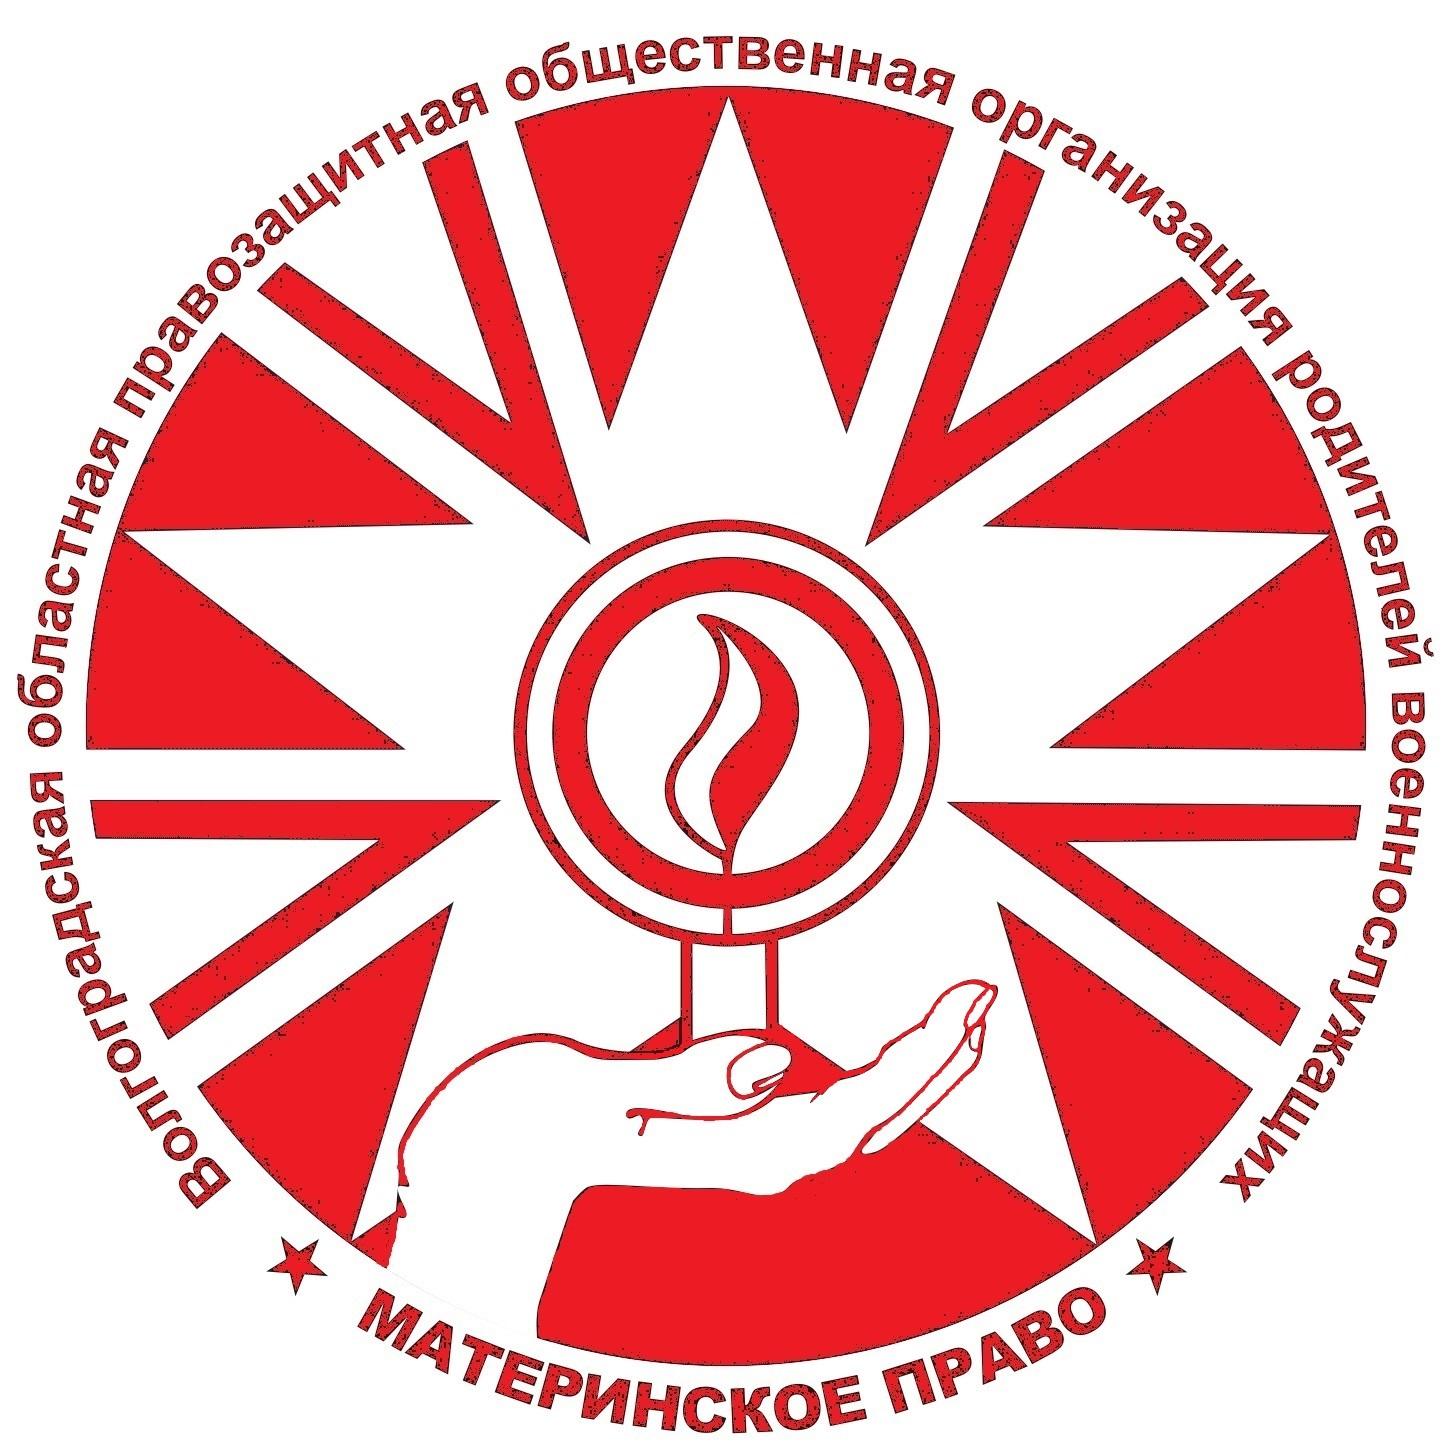 Материнское право Волгоград